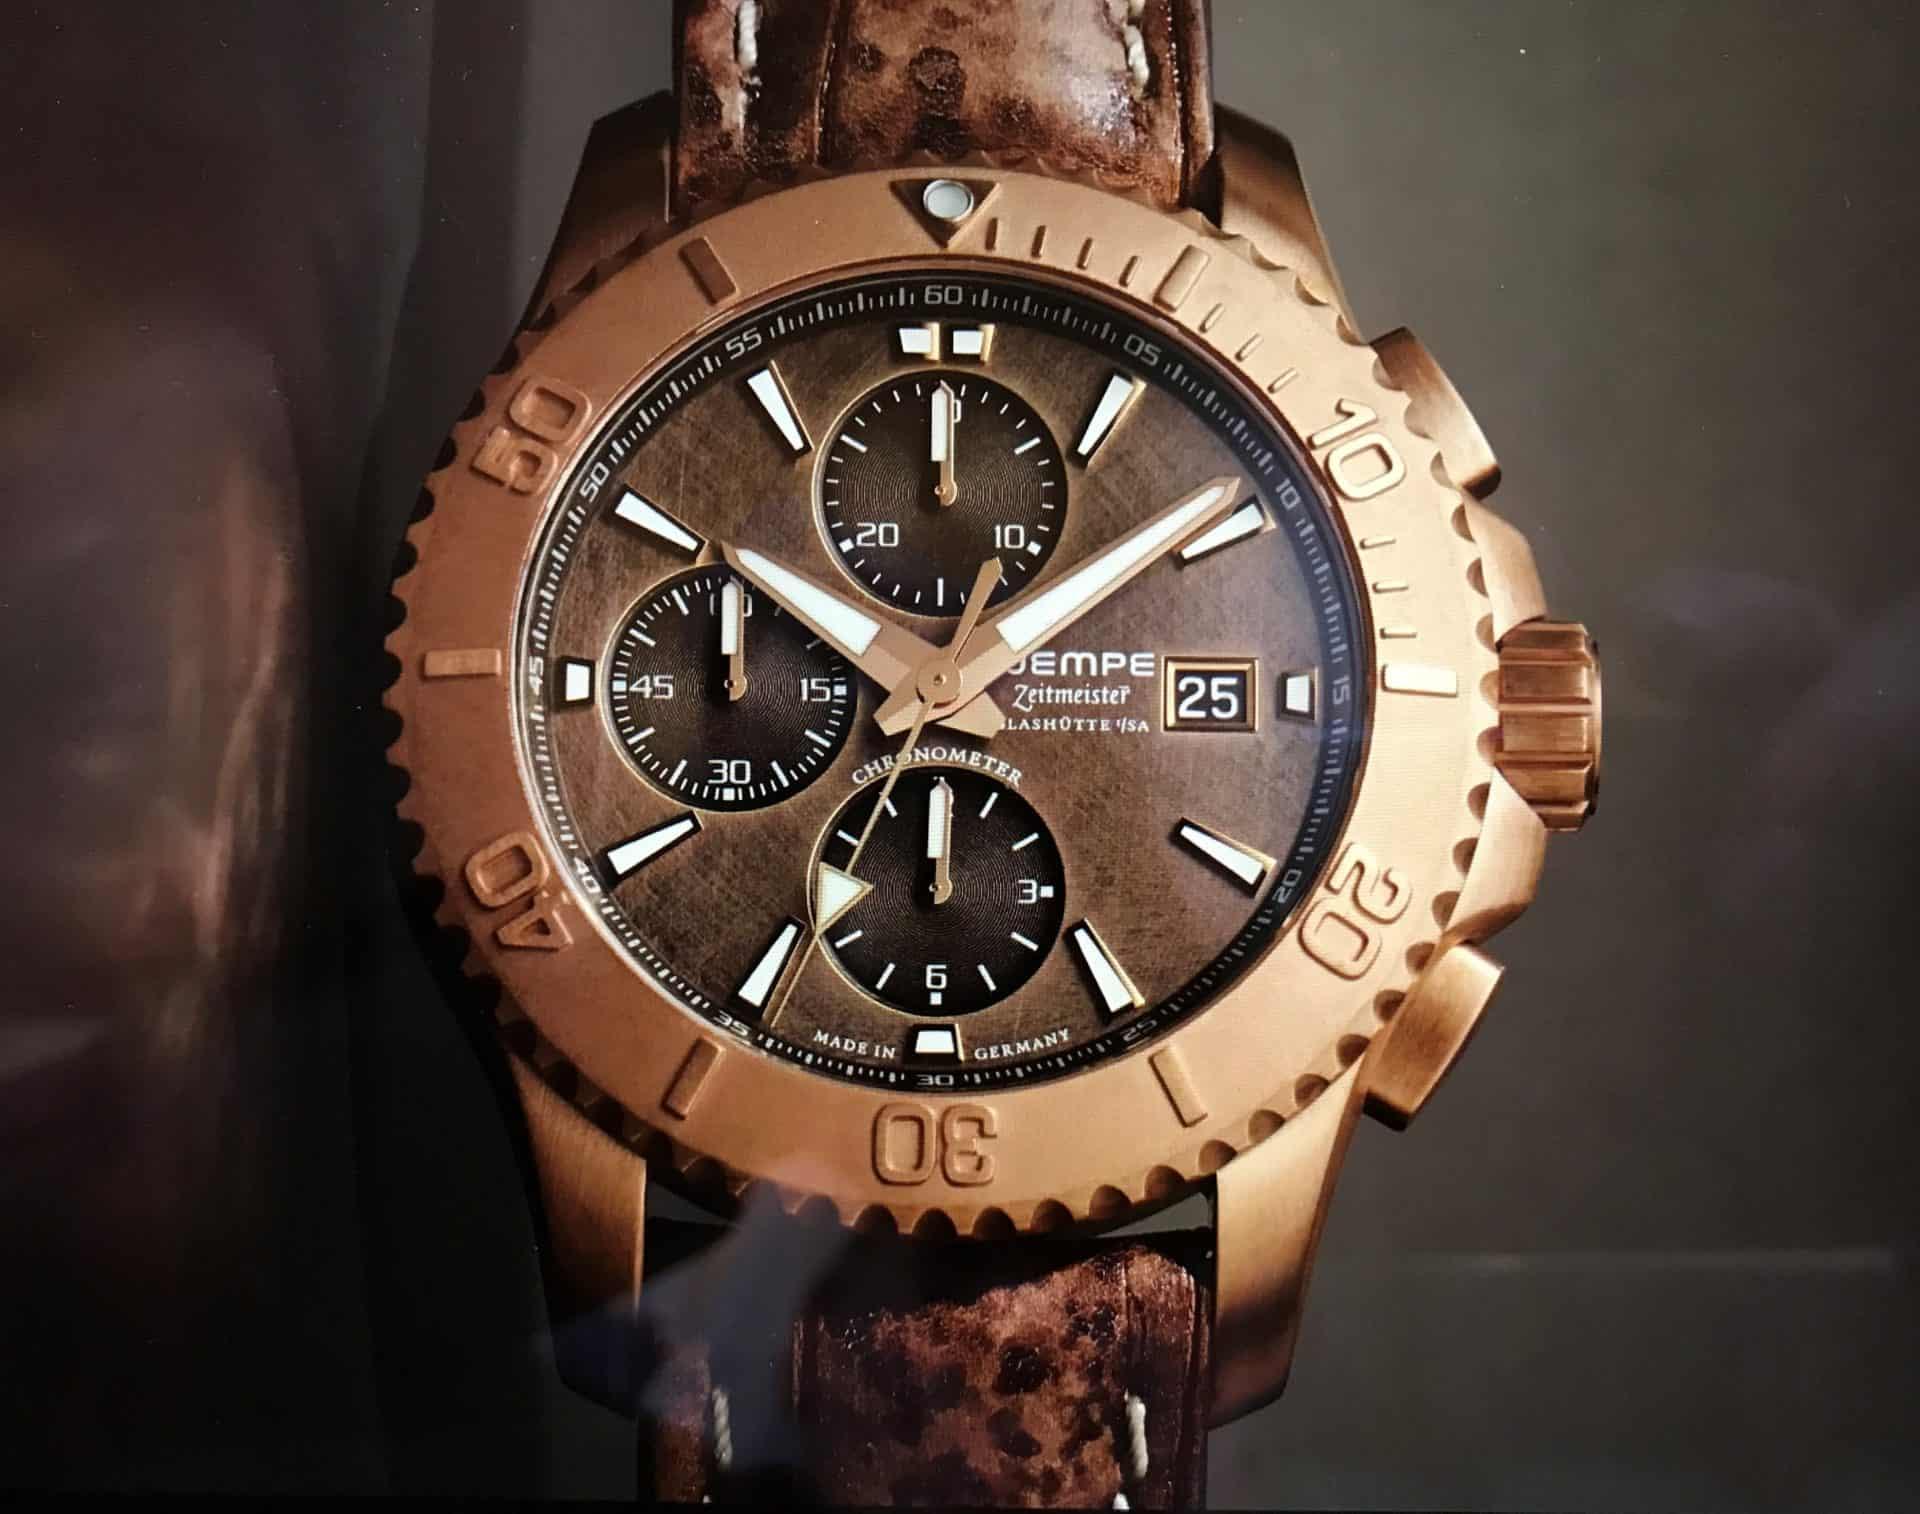 Wempe macht auch in Bronze - die Zeitmeister Glashütte i/SA Sport Taucher Chronograph liegt im Trend